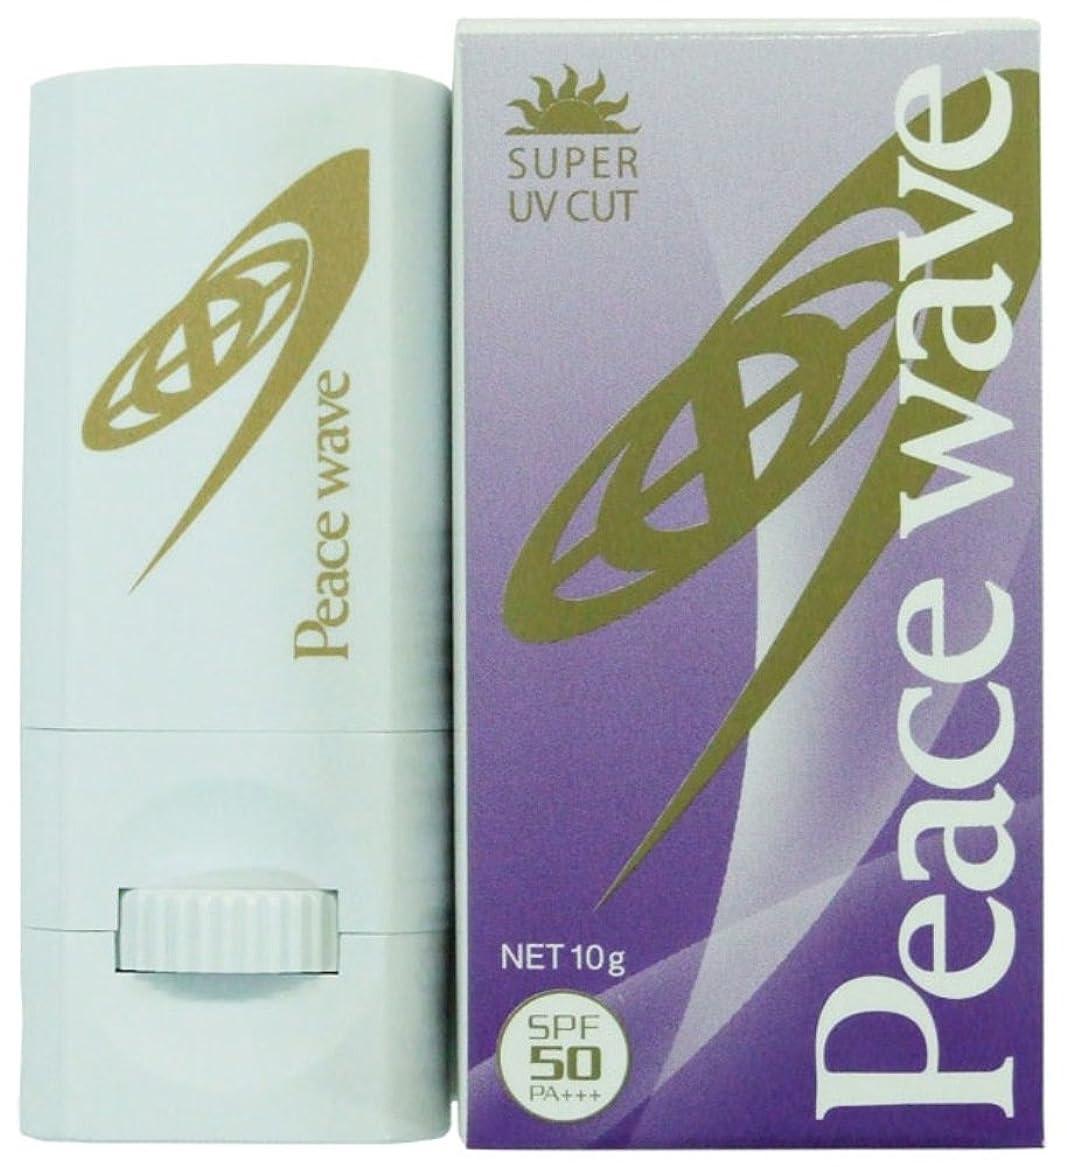 事前で人生を作るPEACE WAVE 日焼け止め UVフェイススティック SPF50 PA+++ ホワイト 10g 580250